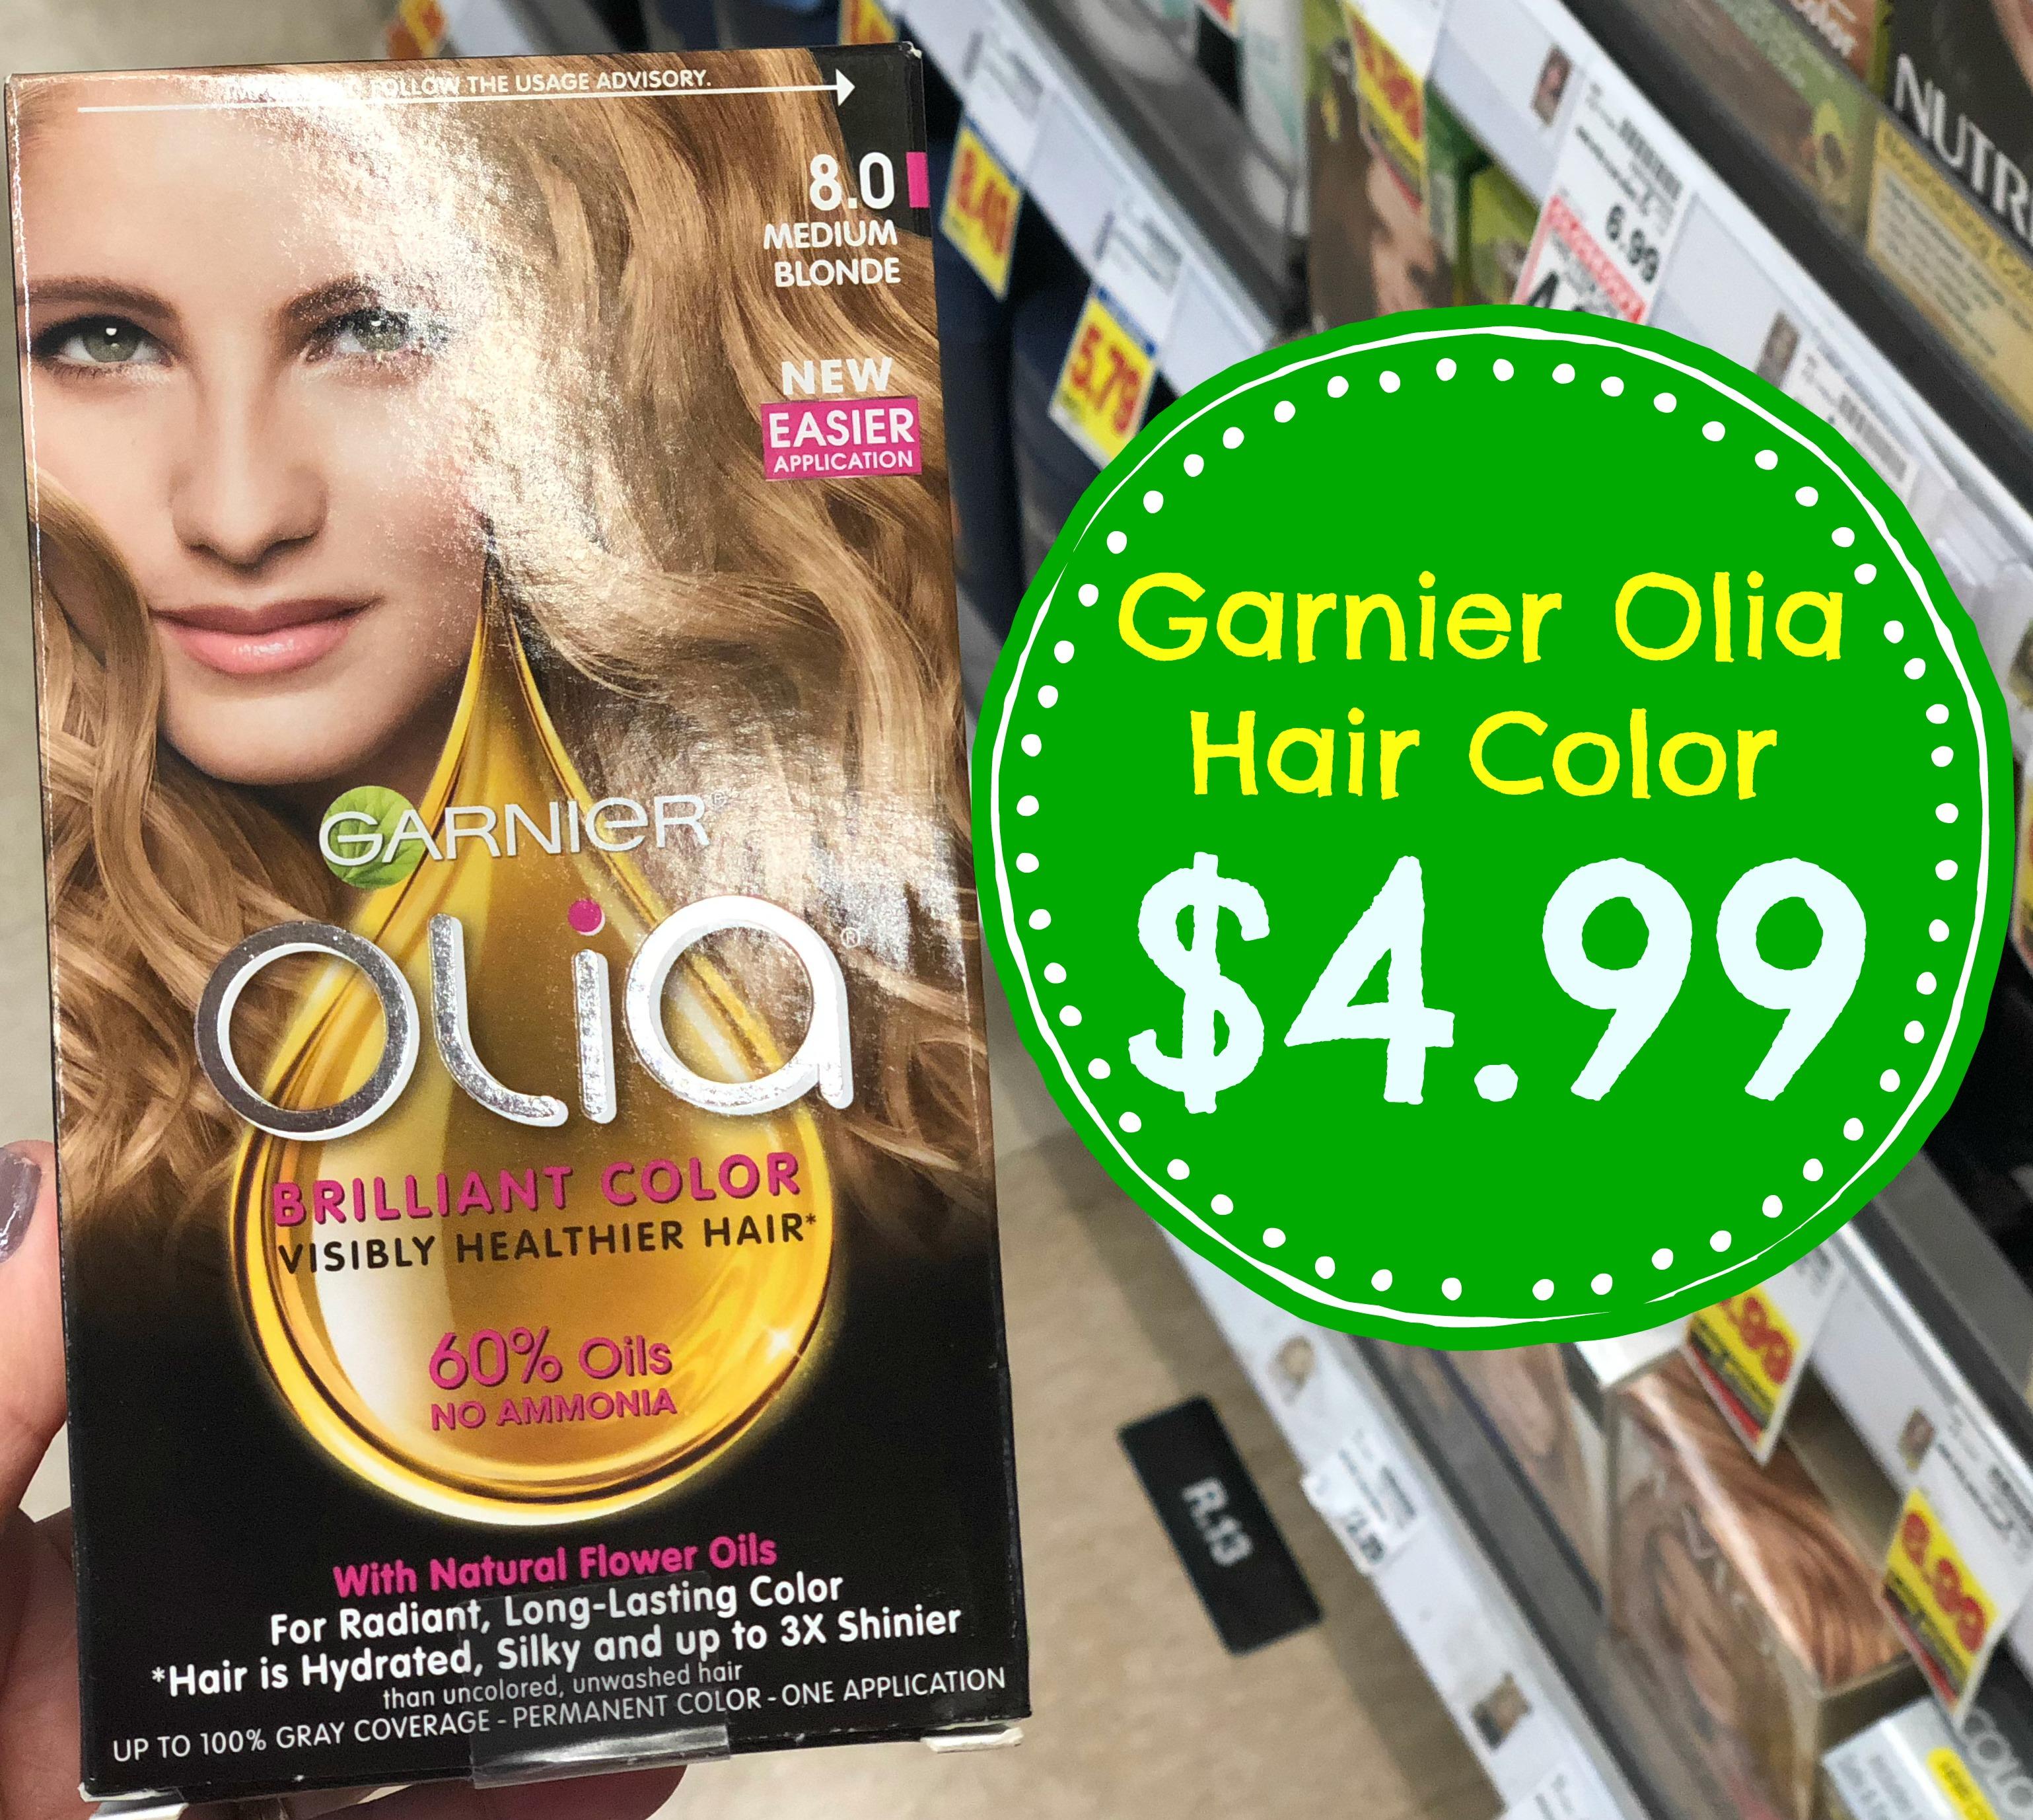 Garnier Olia Hair Color Only 499 At Kroger Reg 999 Kroger Krazy